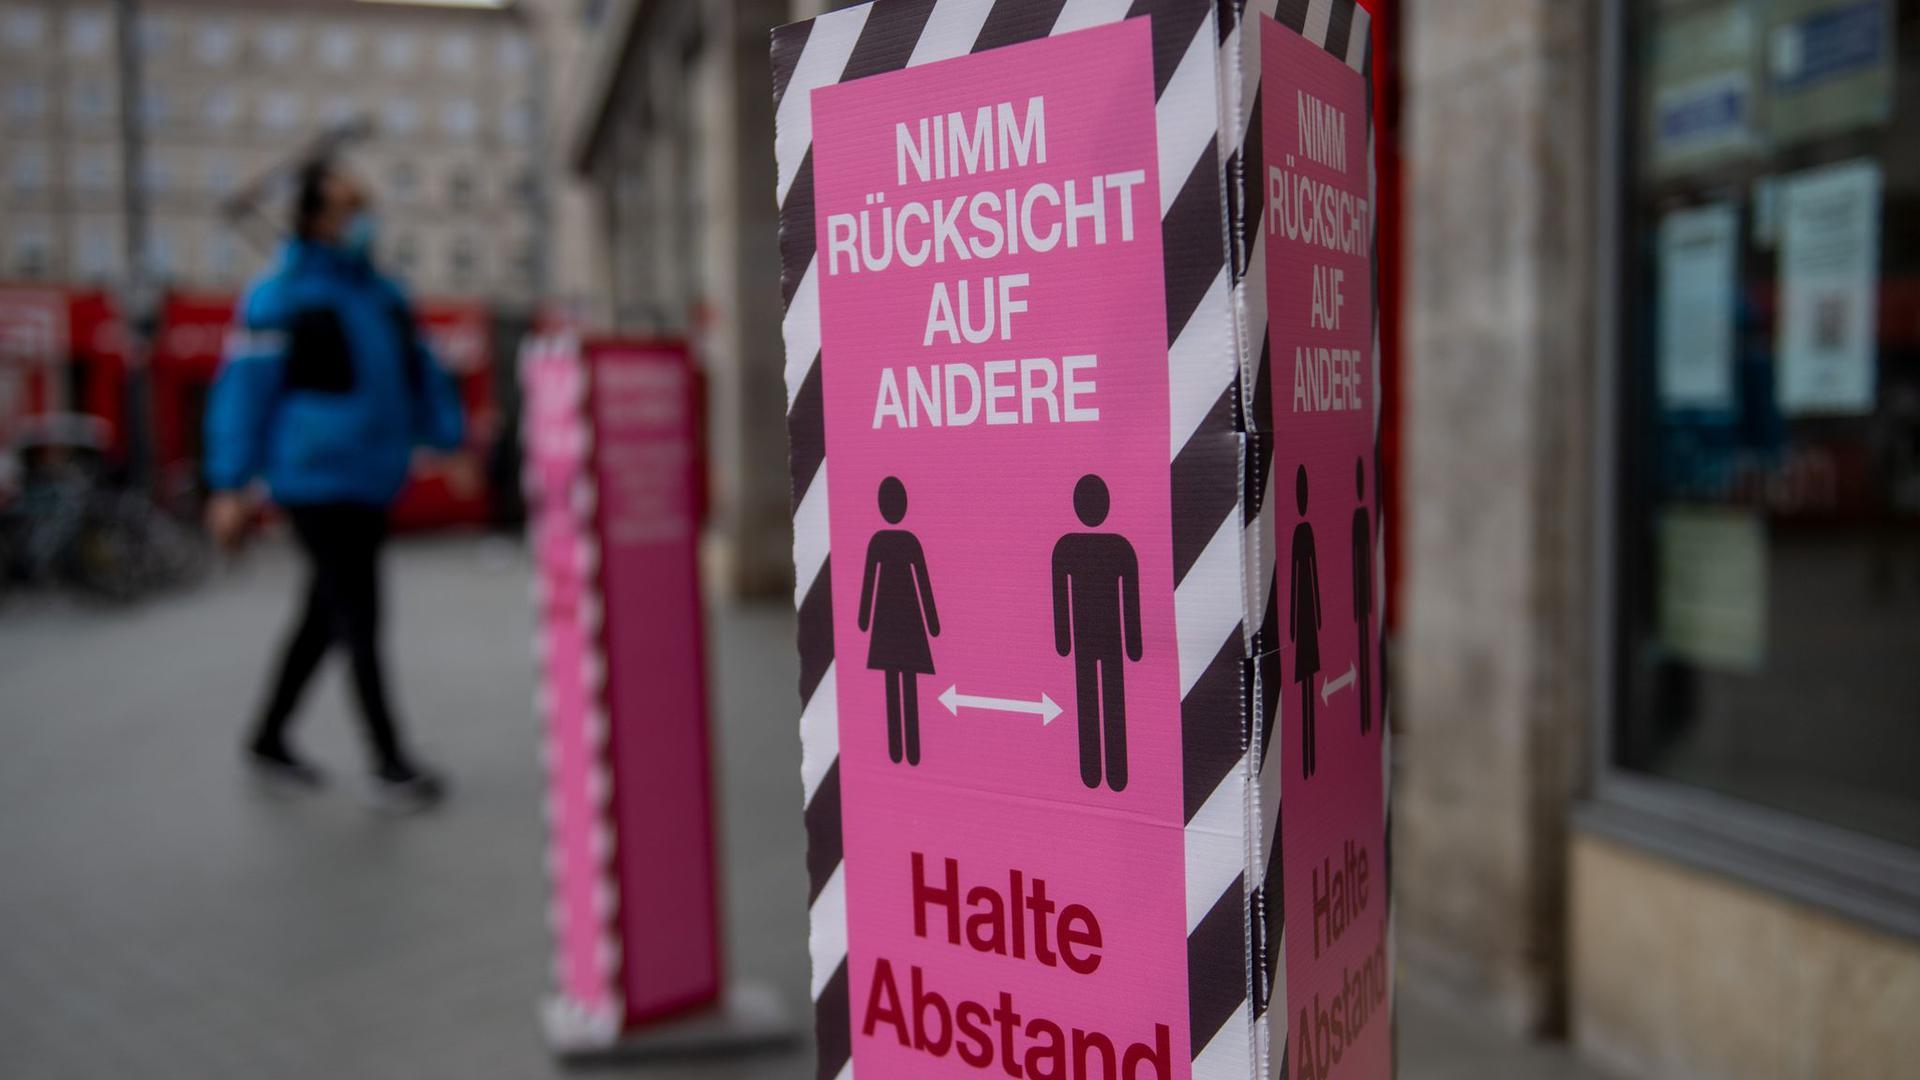 Die Menschen in weiten Teilen Deutschlands müssen sich auf Ausgangsbeschränkungen und geschlossene Läden nach bundesweit verbindlichen Vorgaben einstellen.